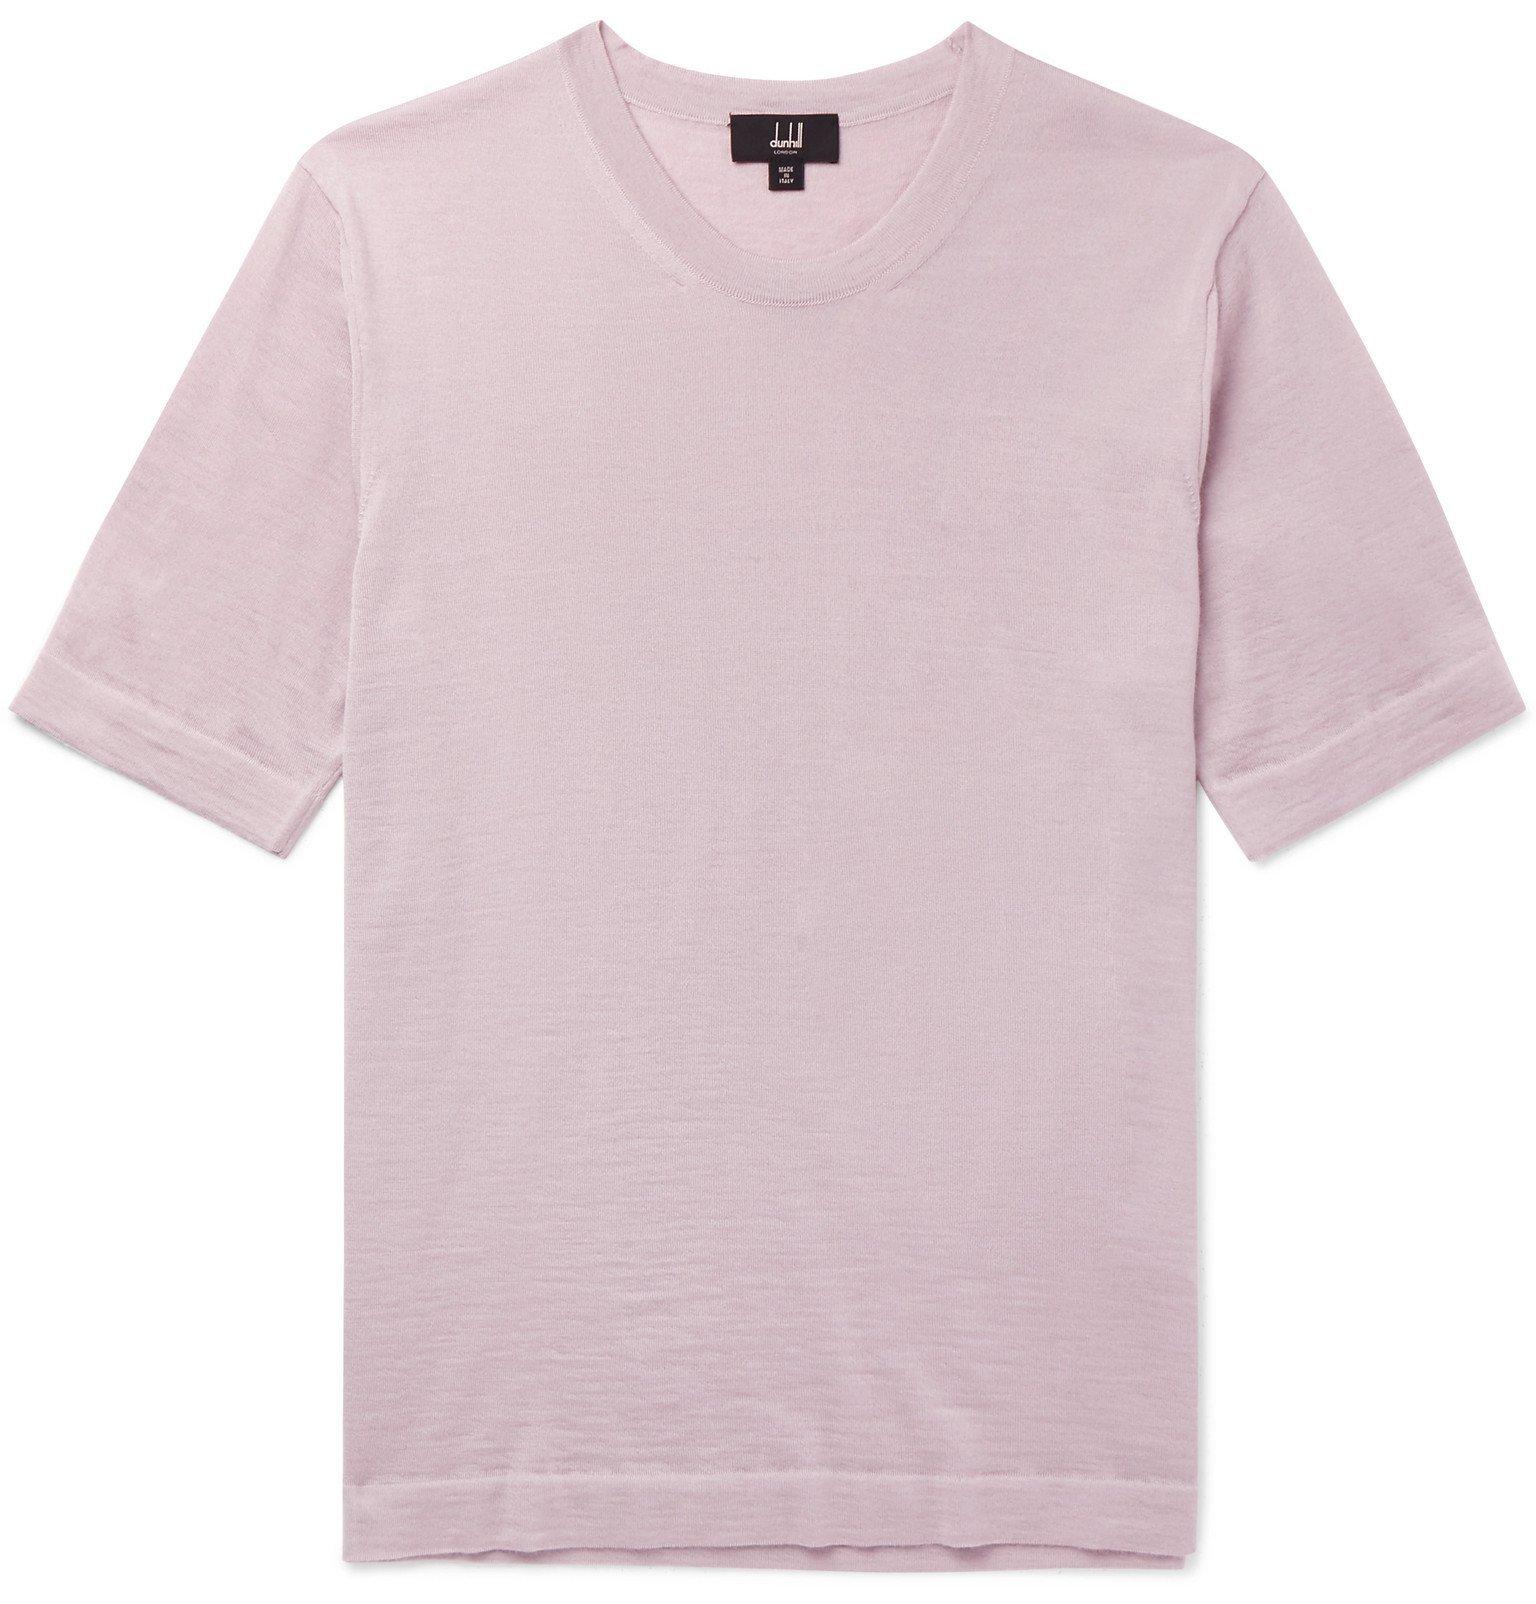 Dunhill - Cashmere T-Shirt - Purple